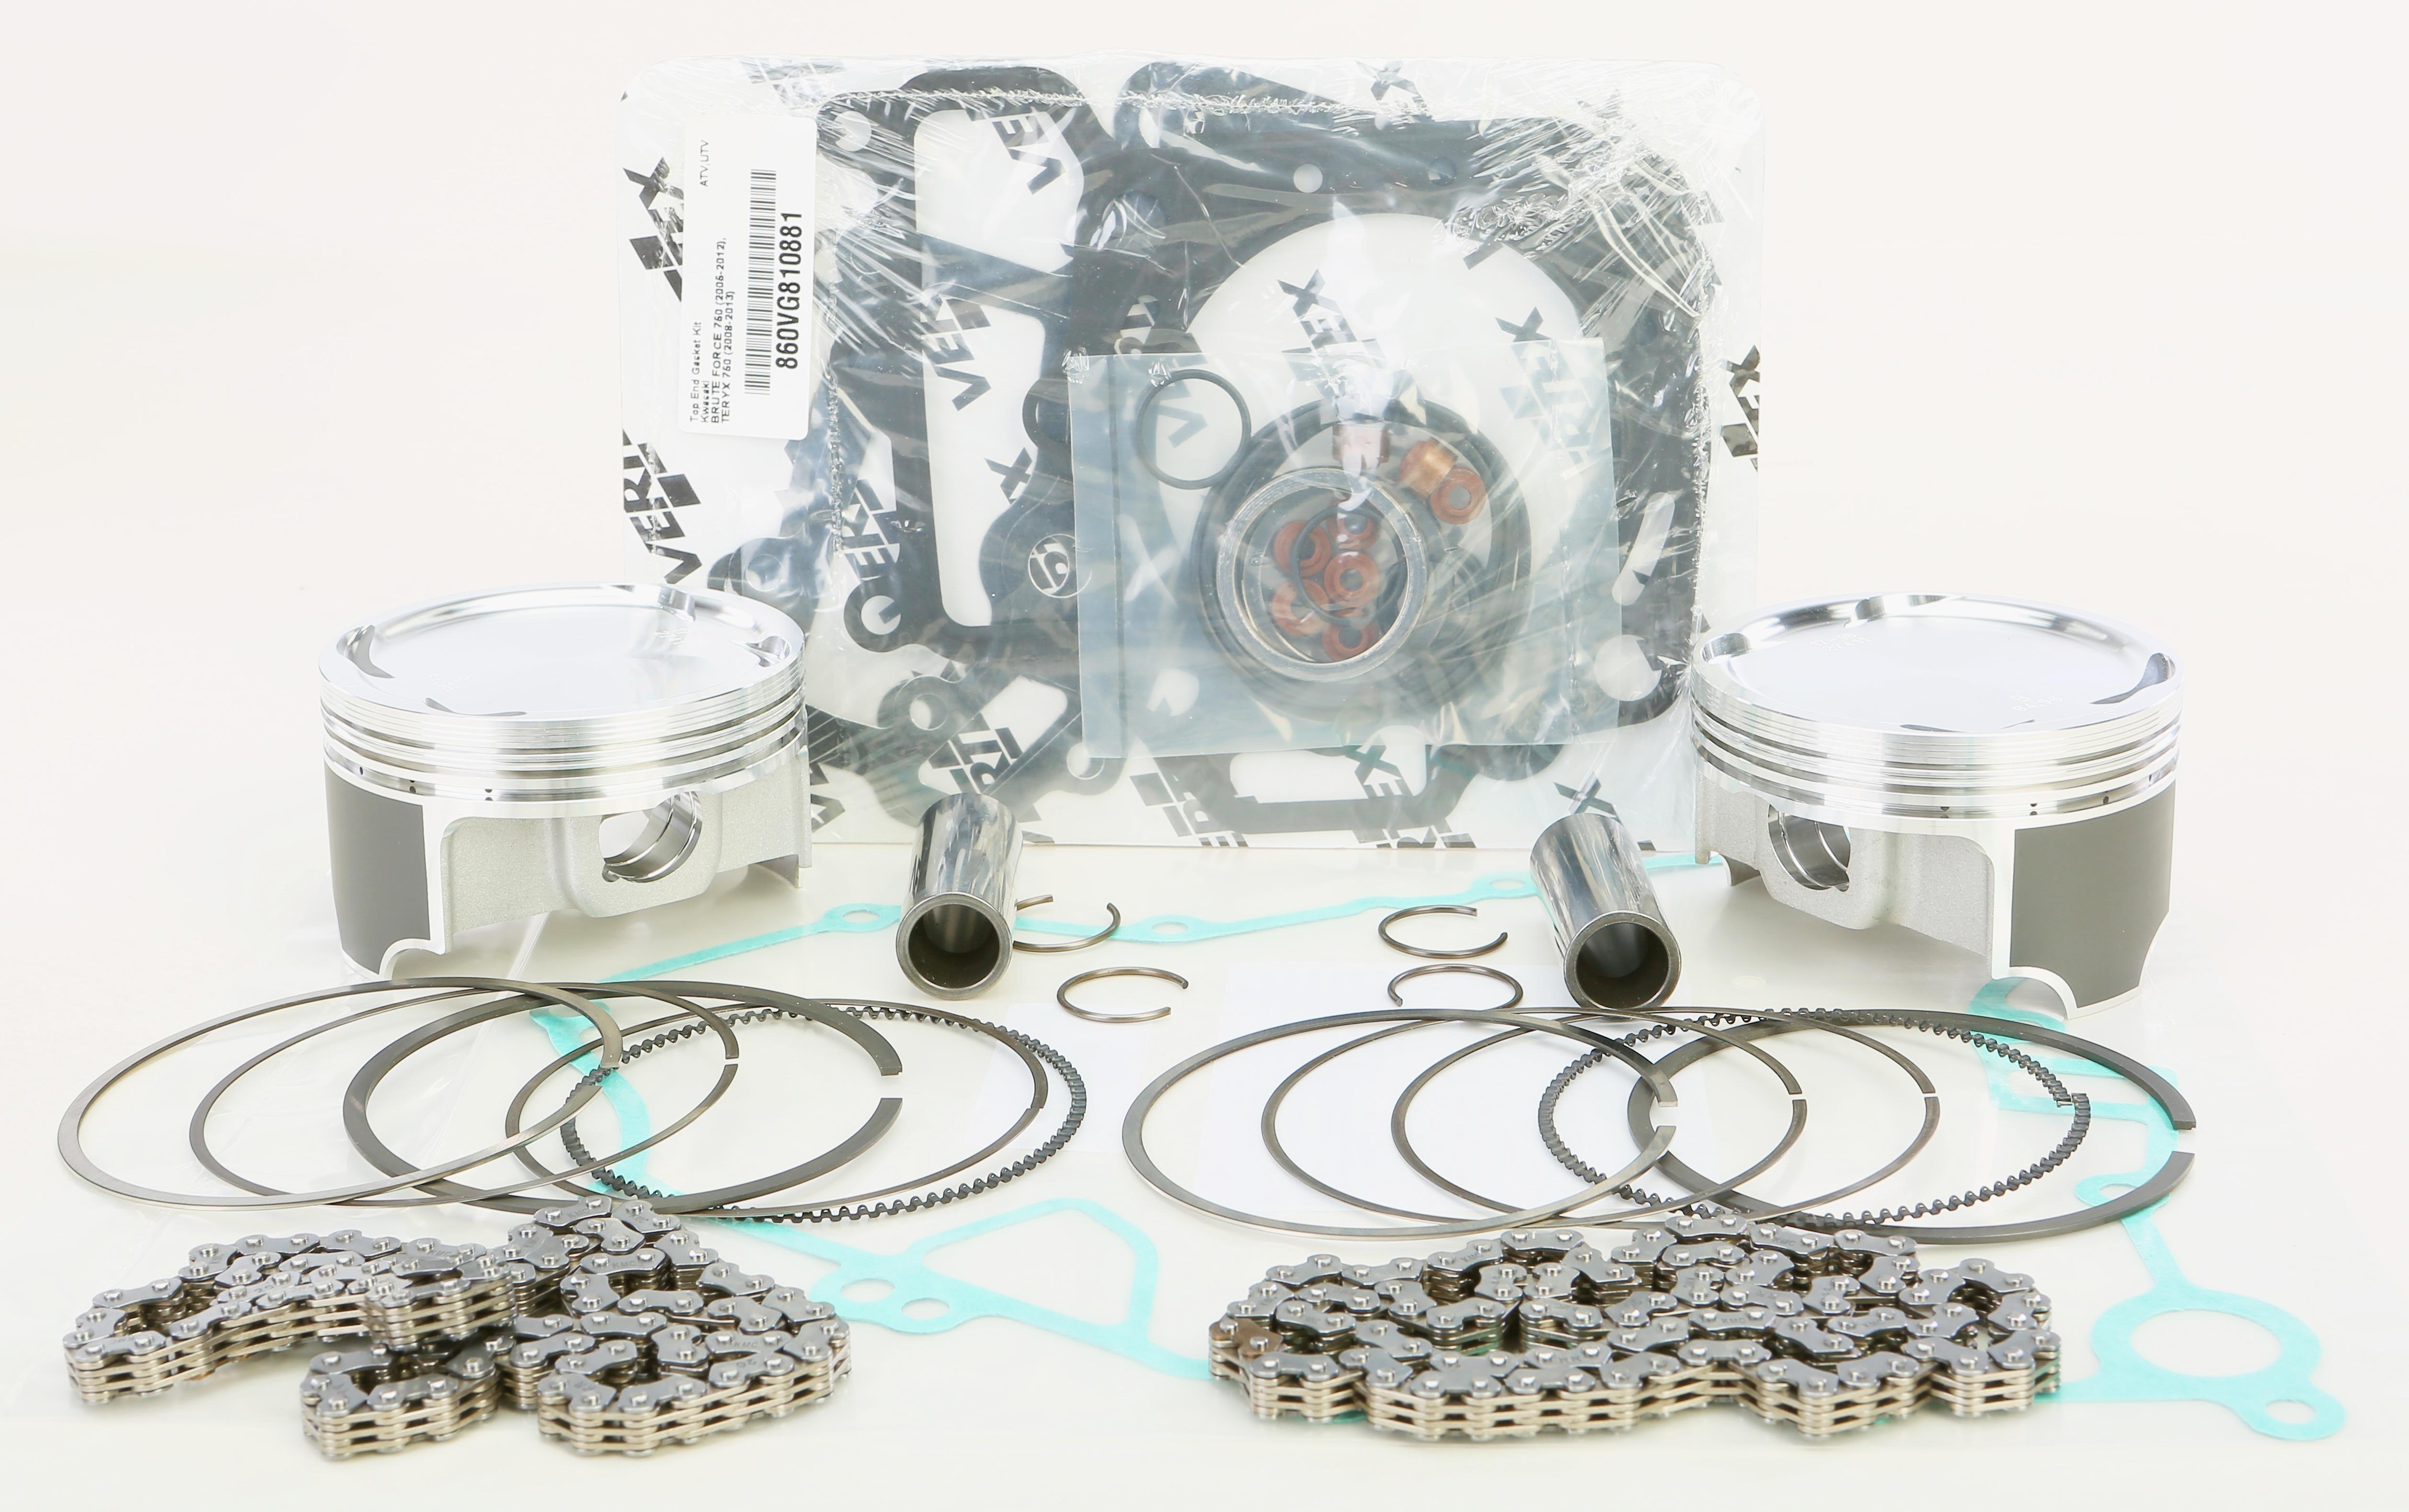 Vertex Top End Piston Kit (84.960mm | 8.8:1) Kawasaki KRF 750 Teryx 4x4 |  KVF 750 Brute Force 4x4i 2005-2014